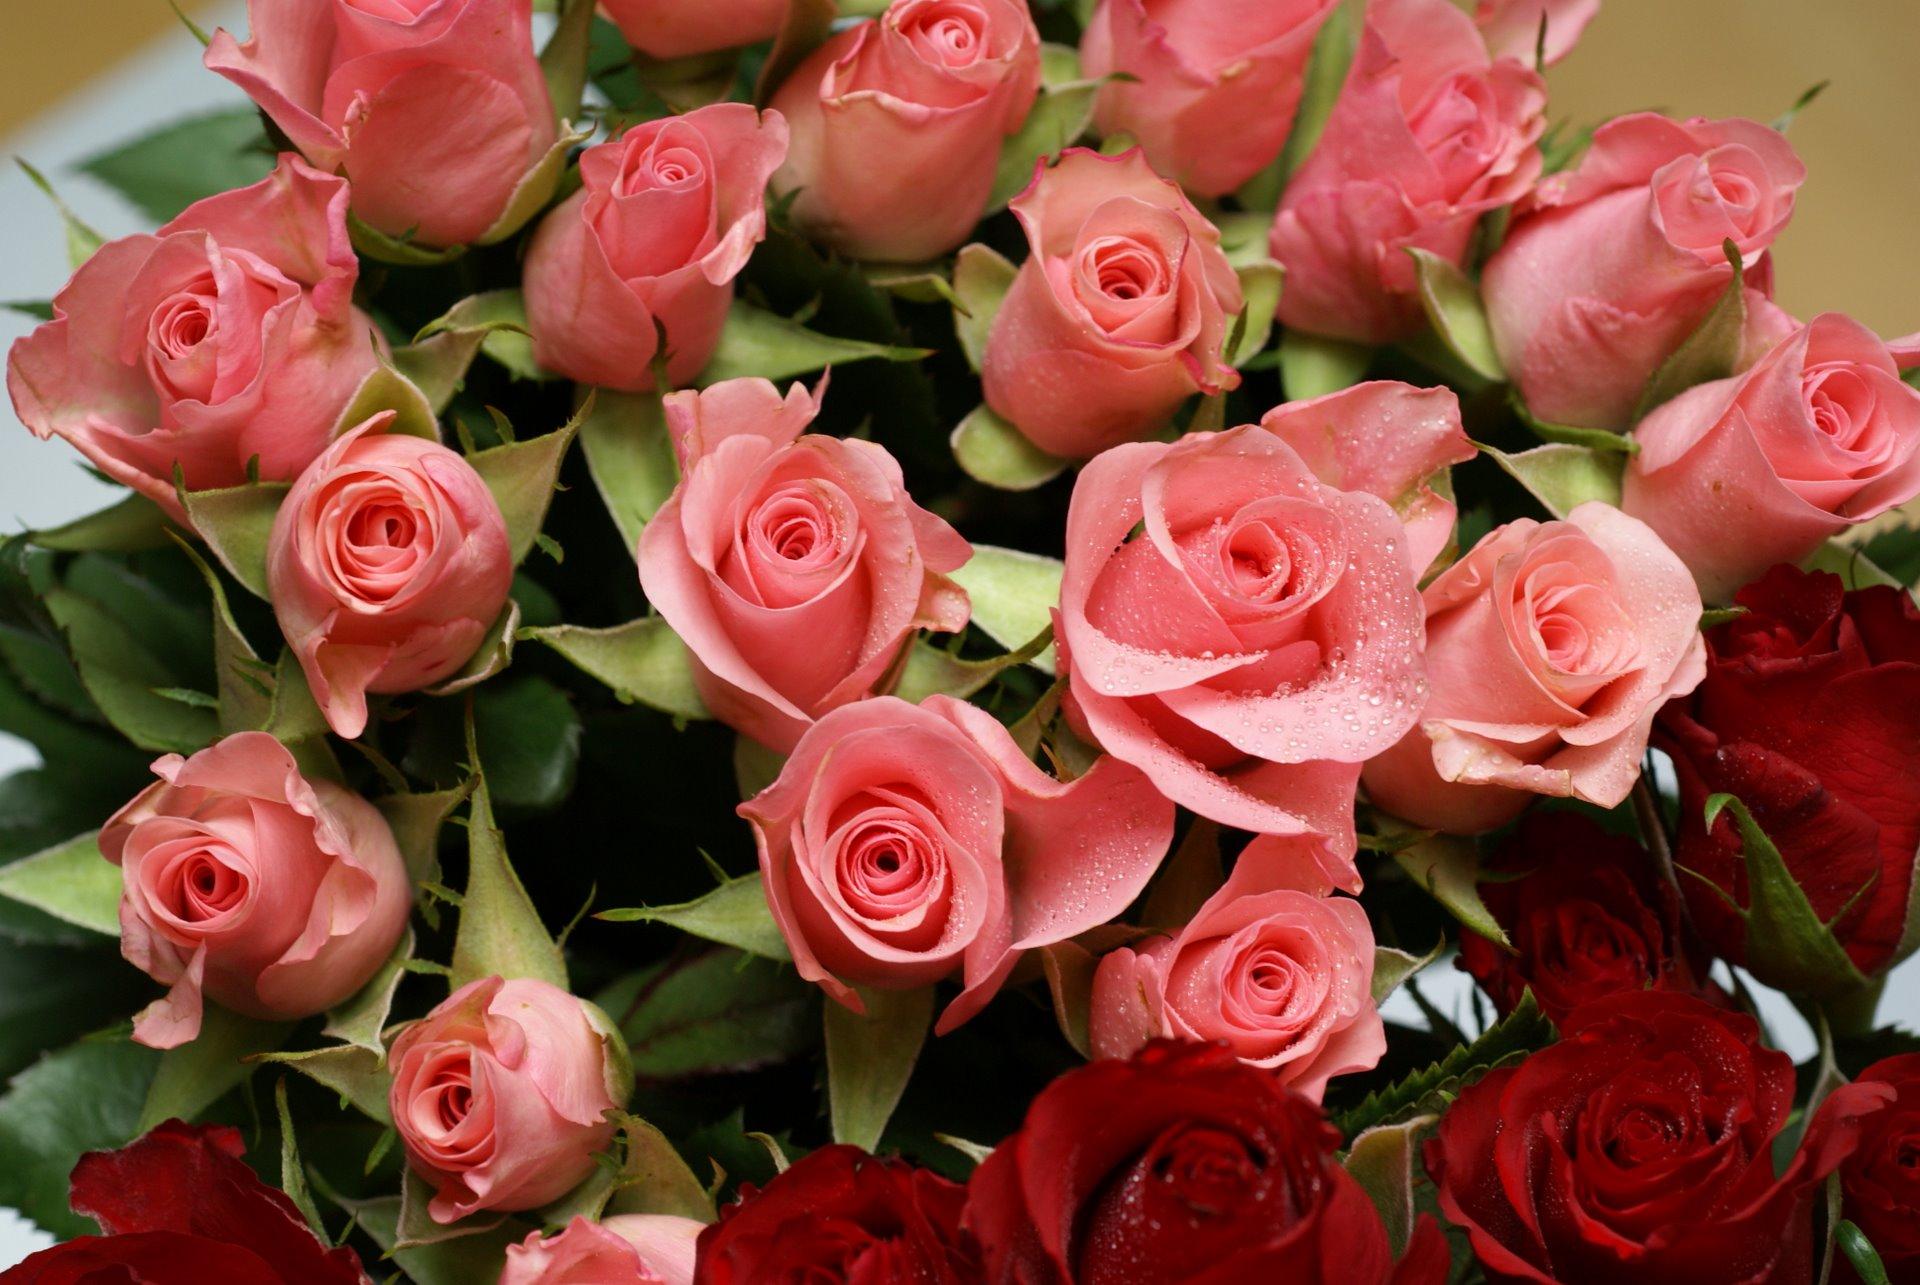 pink-roses-bouquet-romanticdsc01624